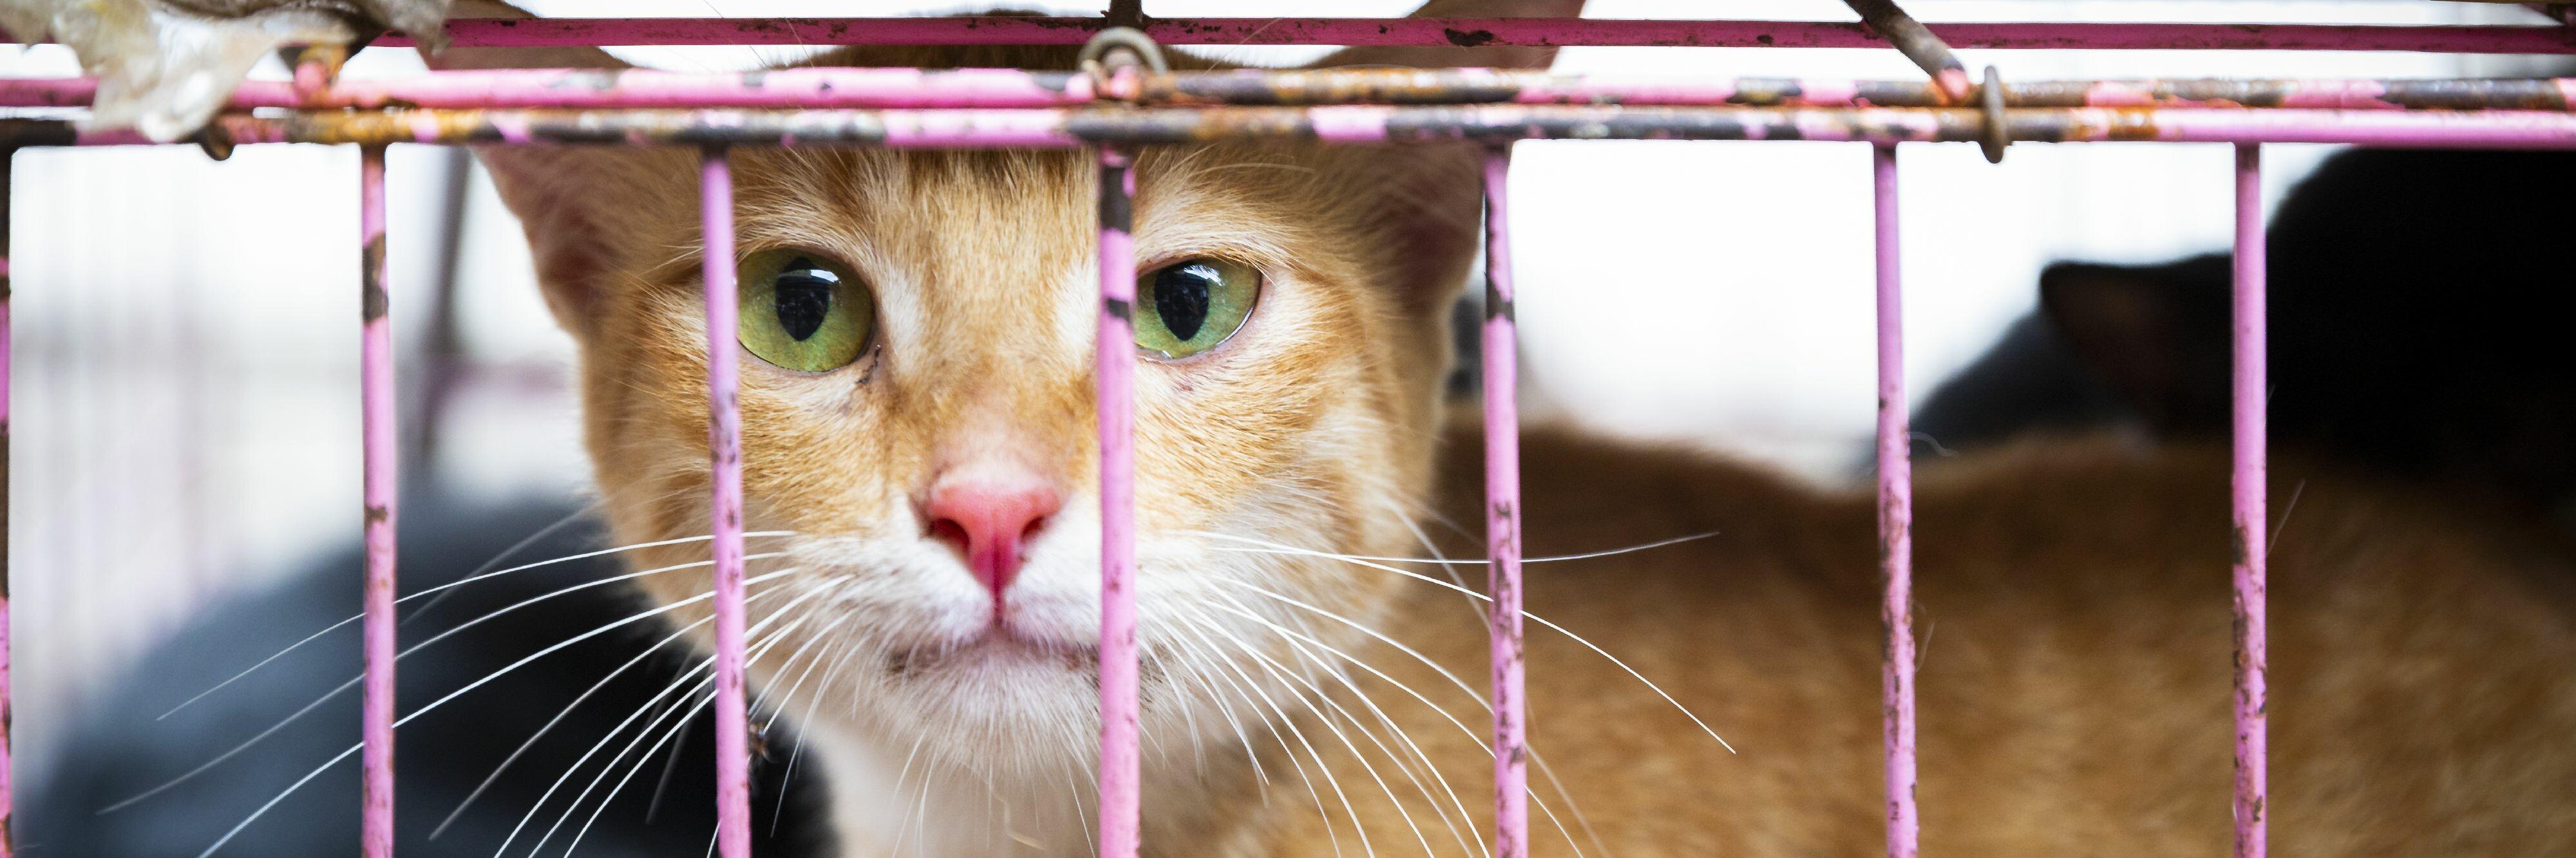 Katze im Käfig